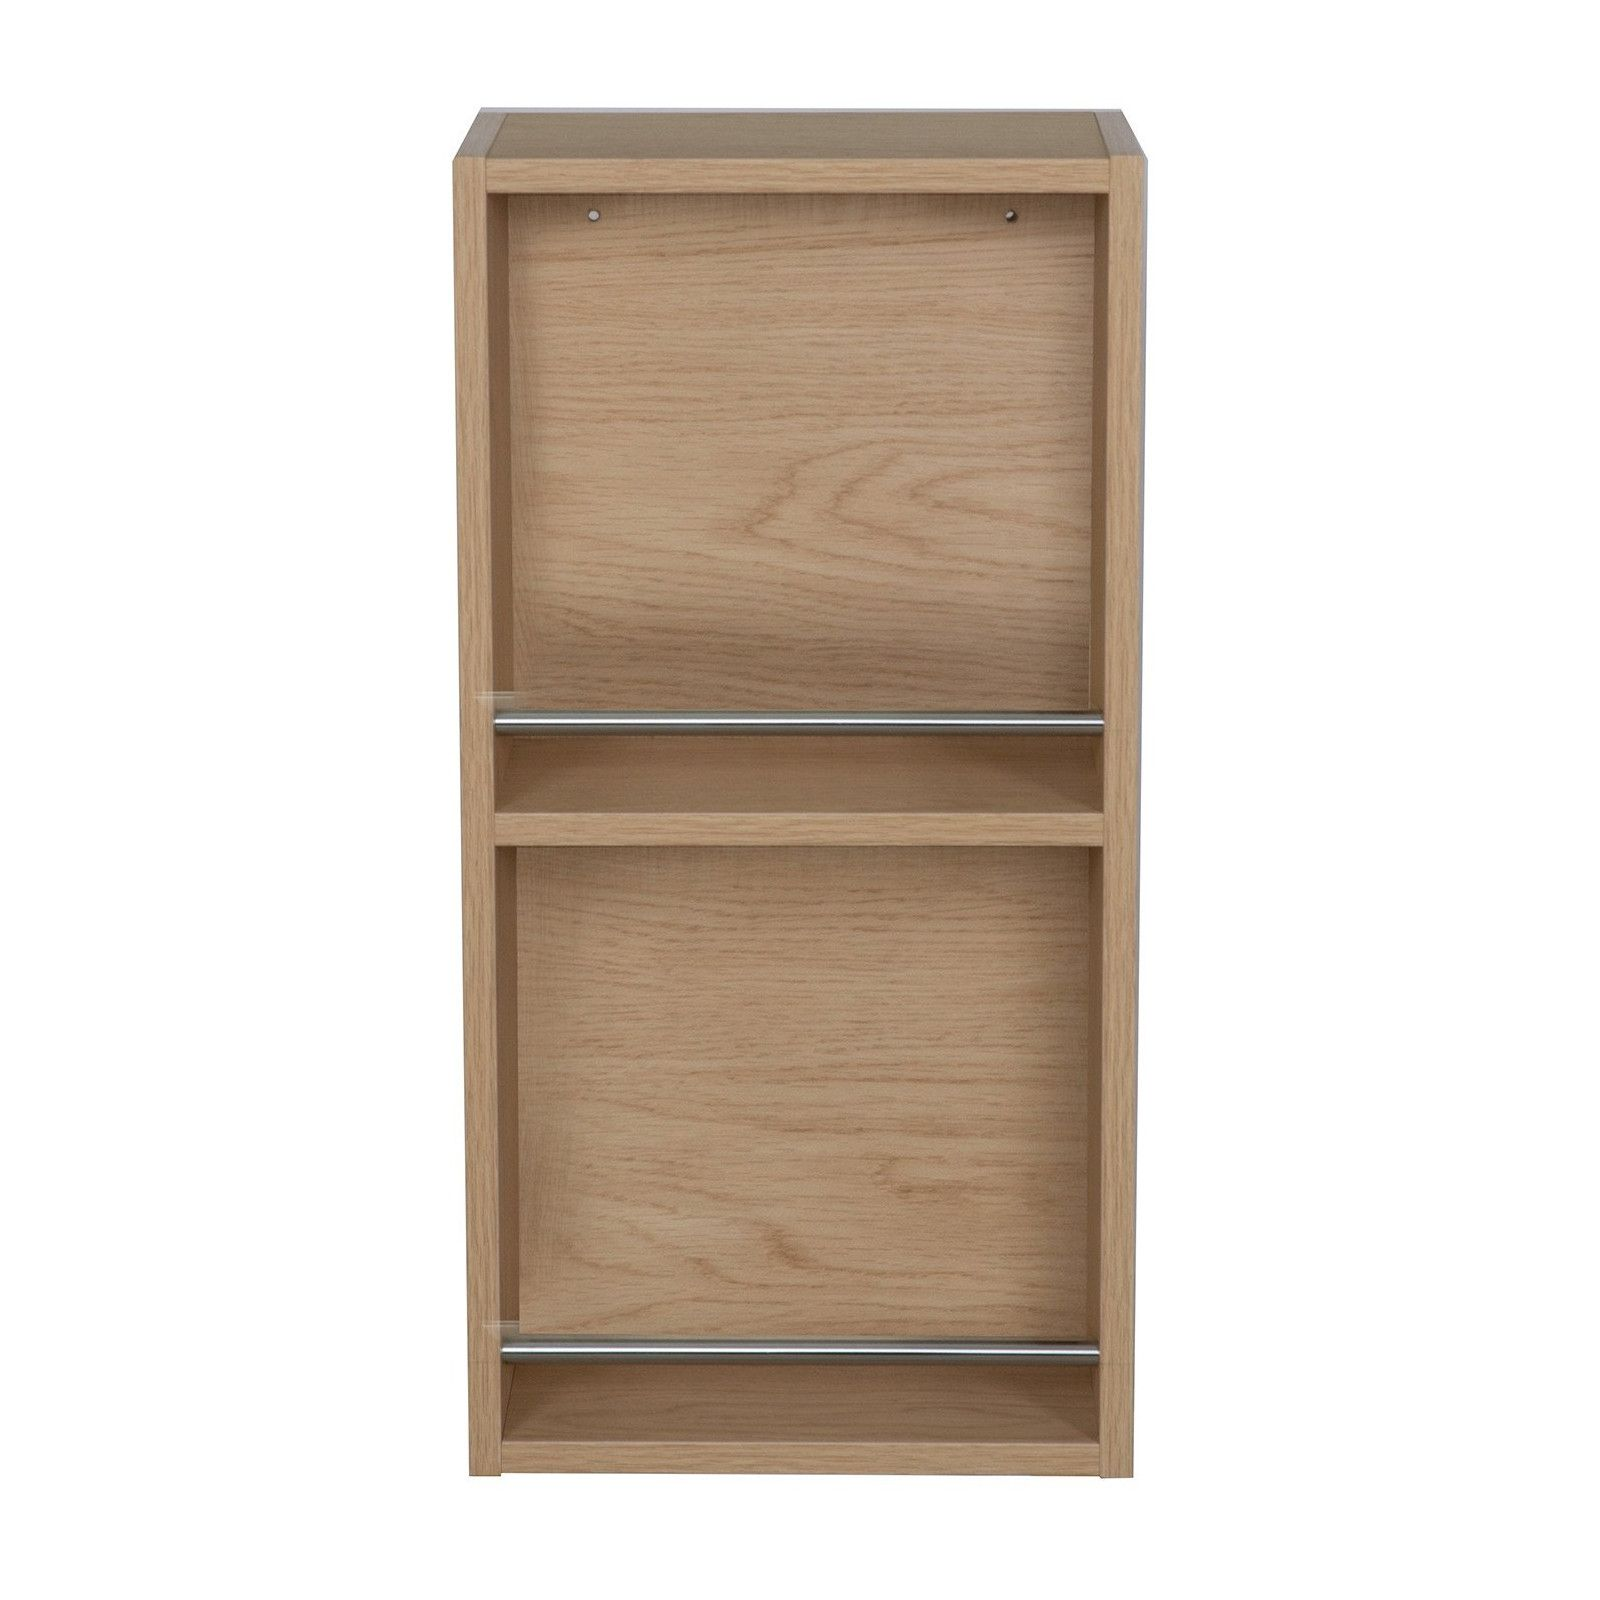 Module de rangement ouvert WILL - Meuble haut Salle de Bain 1 porte - Décor Chêne ou Blanc Laqué